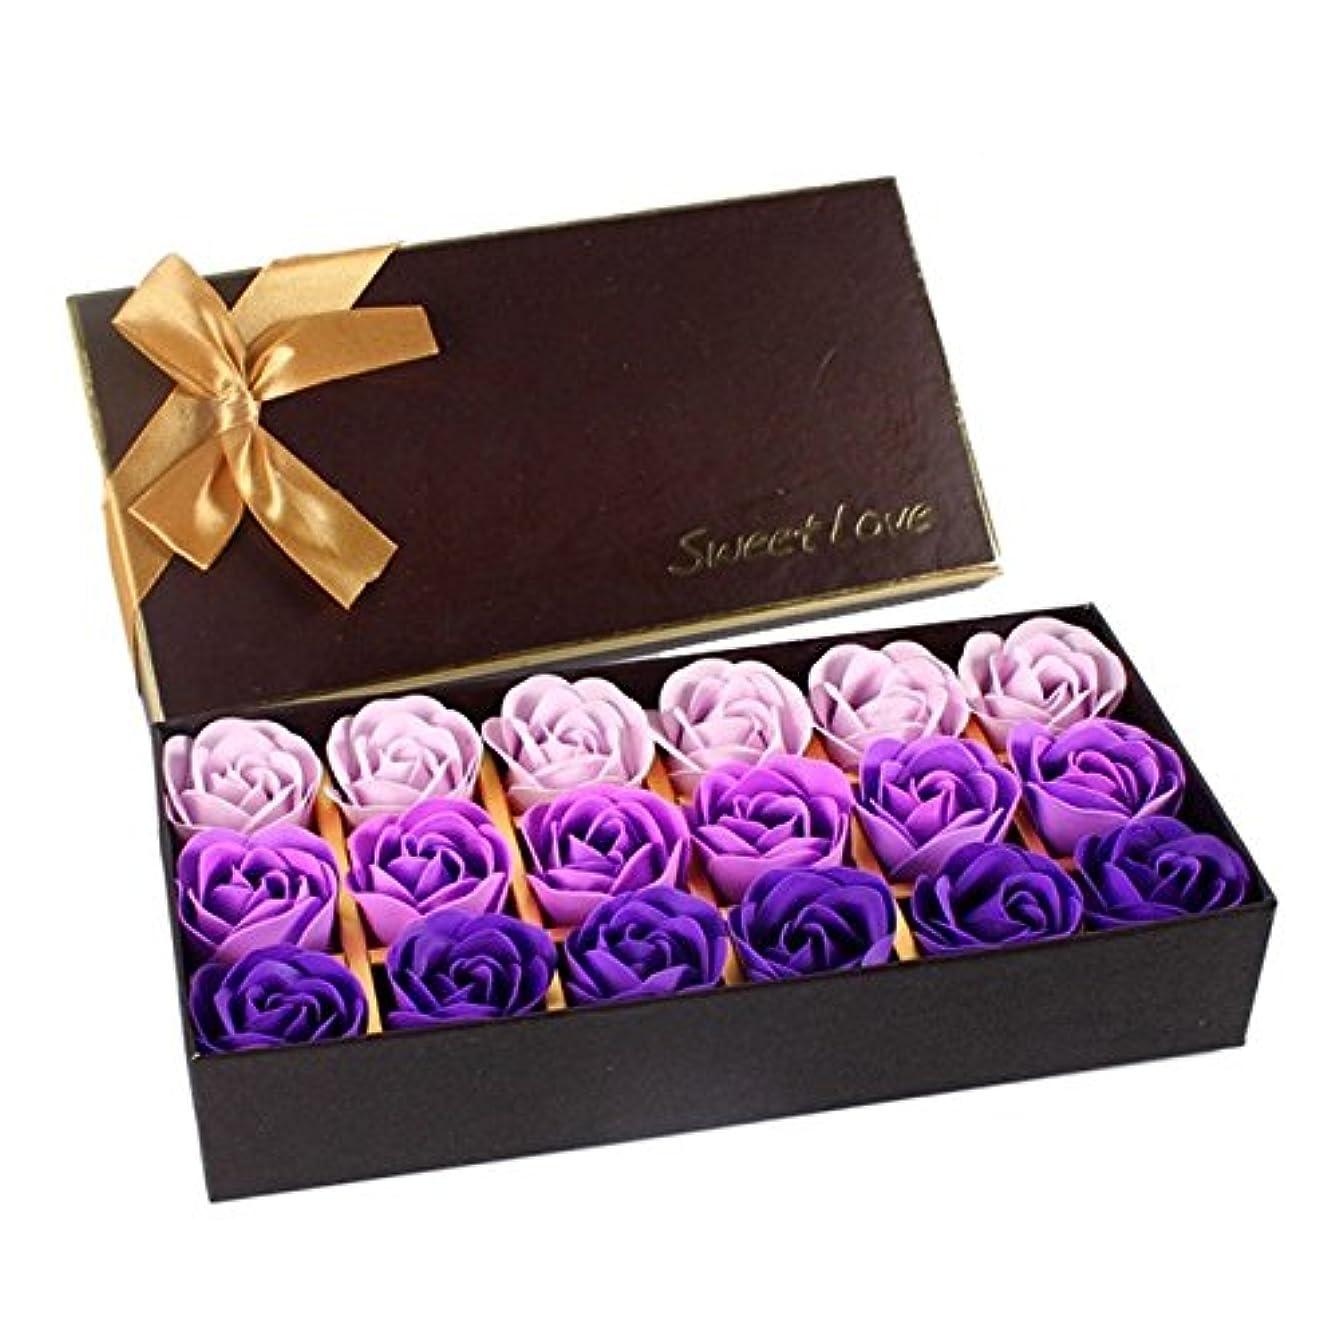 靴下コイルクリークローズ フラワーソープ 石鹸 薔薇 プレゼント お祝い ② #334